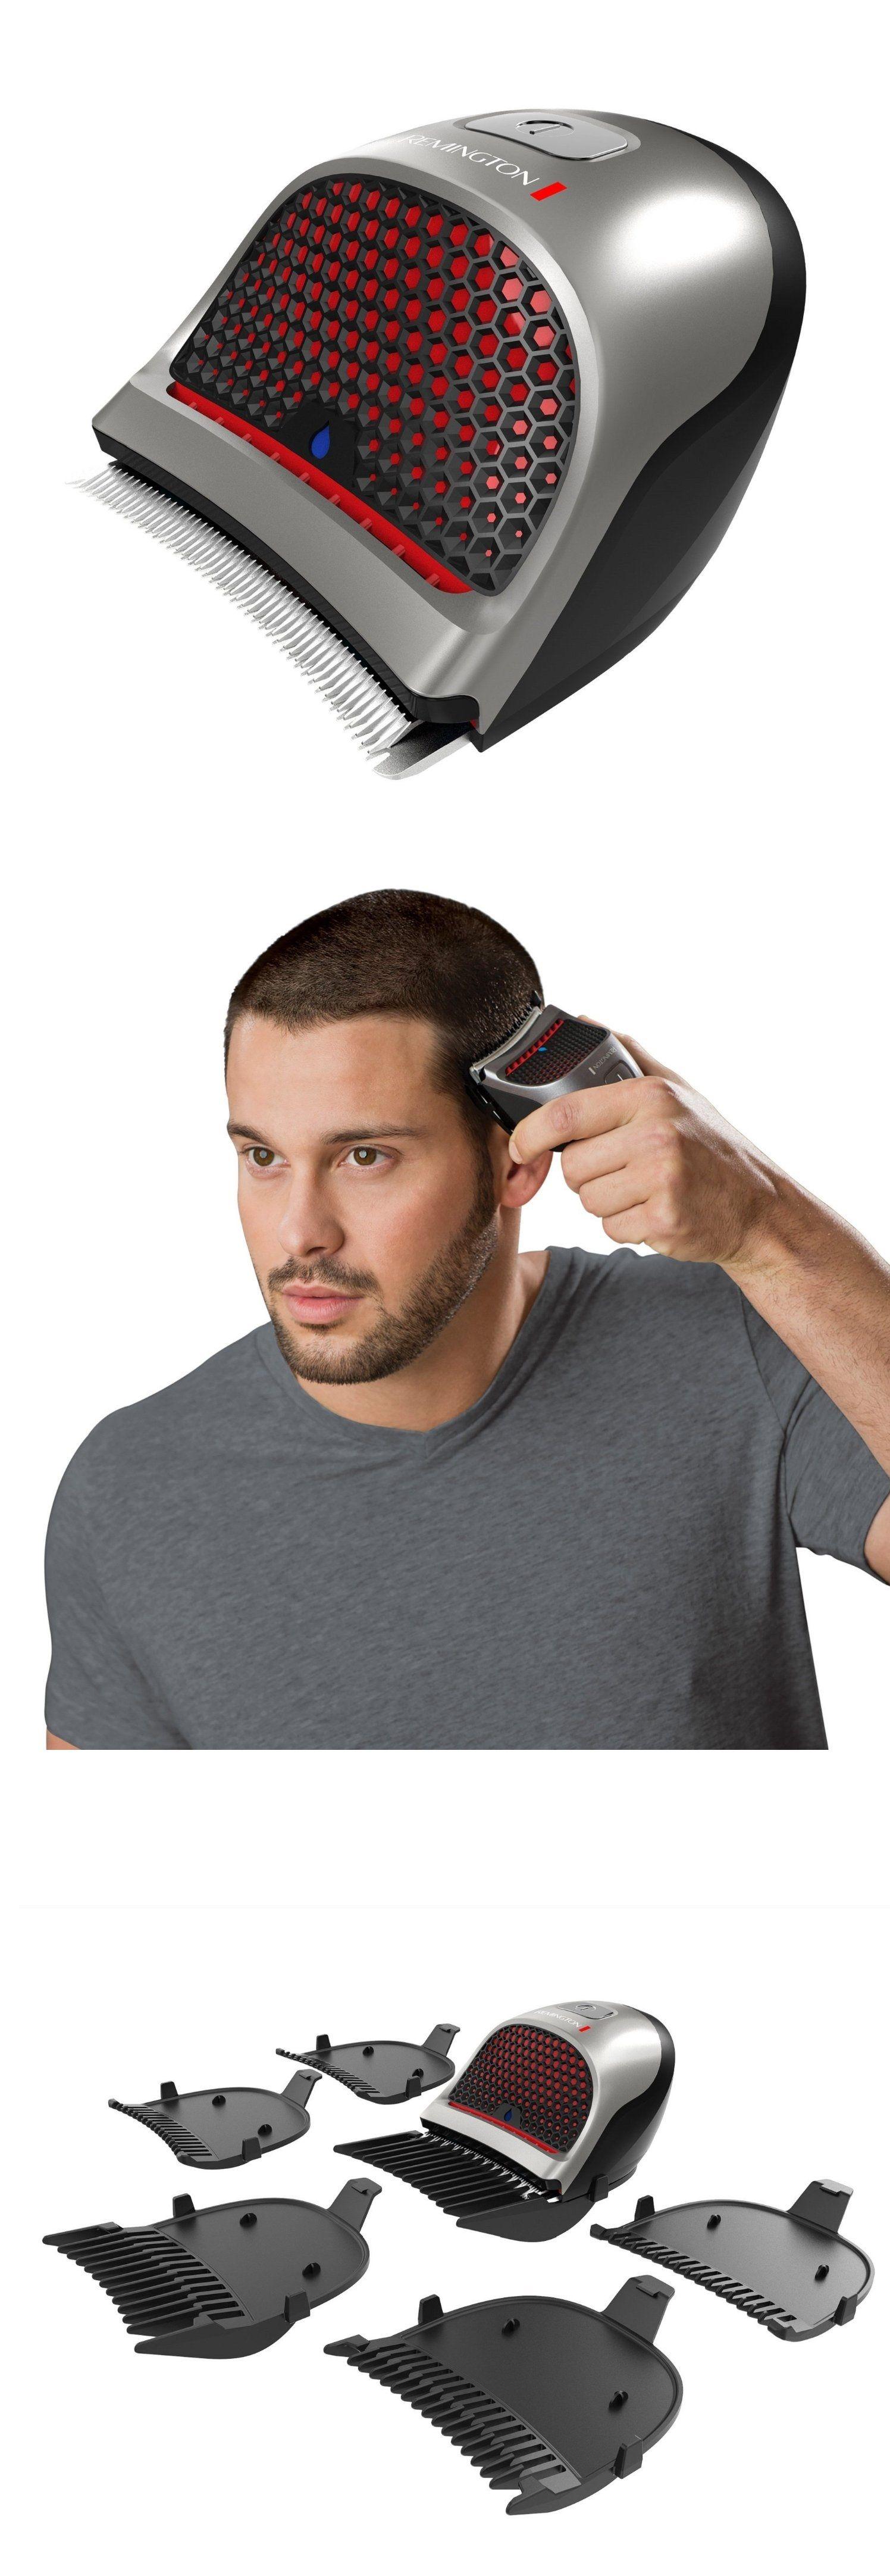 HC4250 Shortcut Clipper Pro Haircut Kit